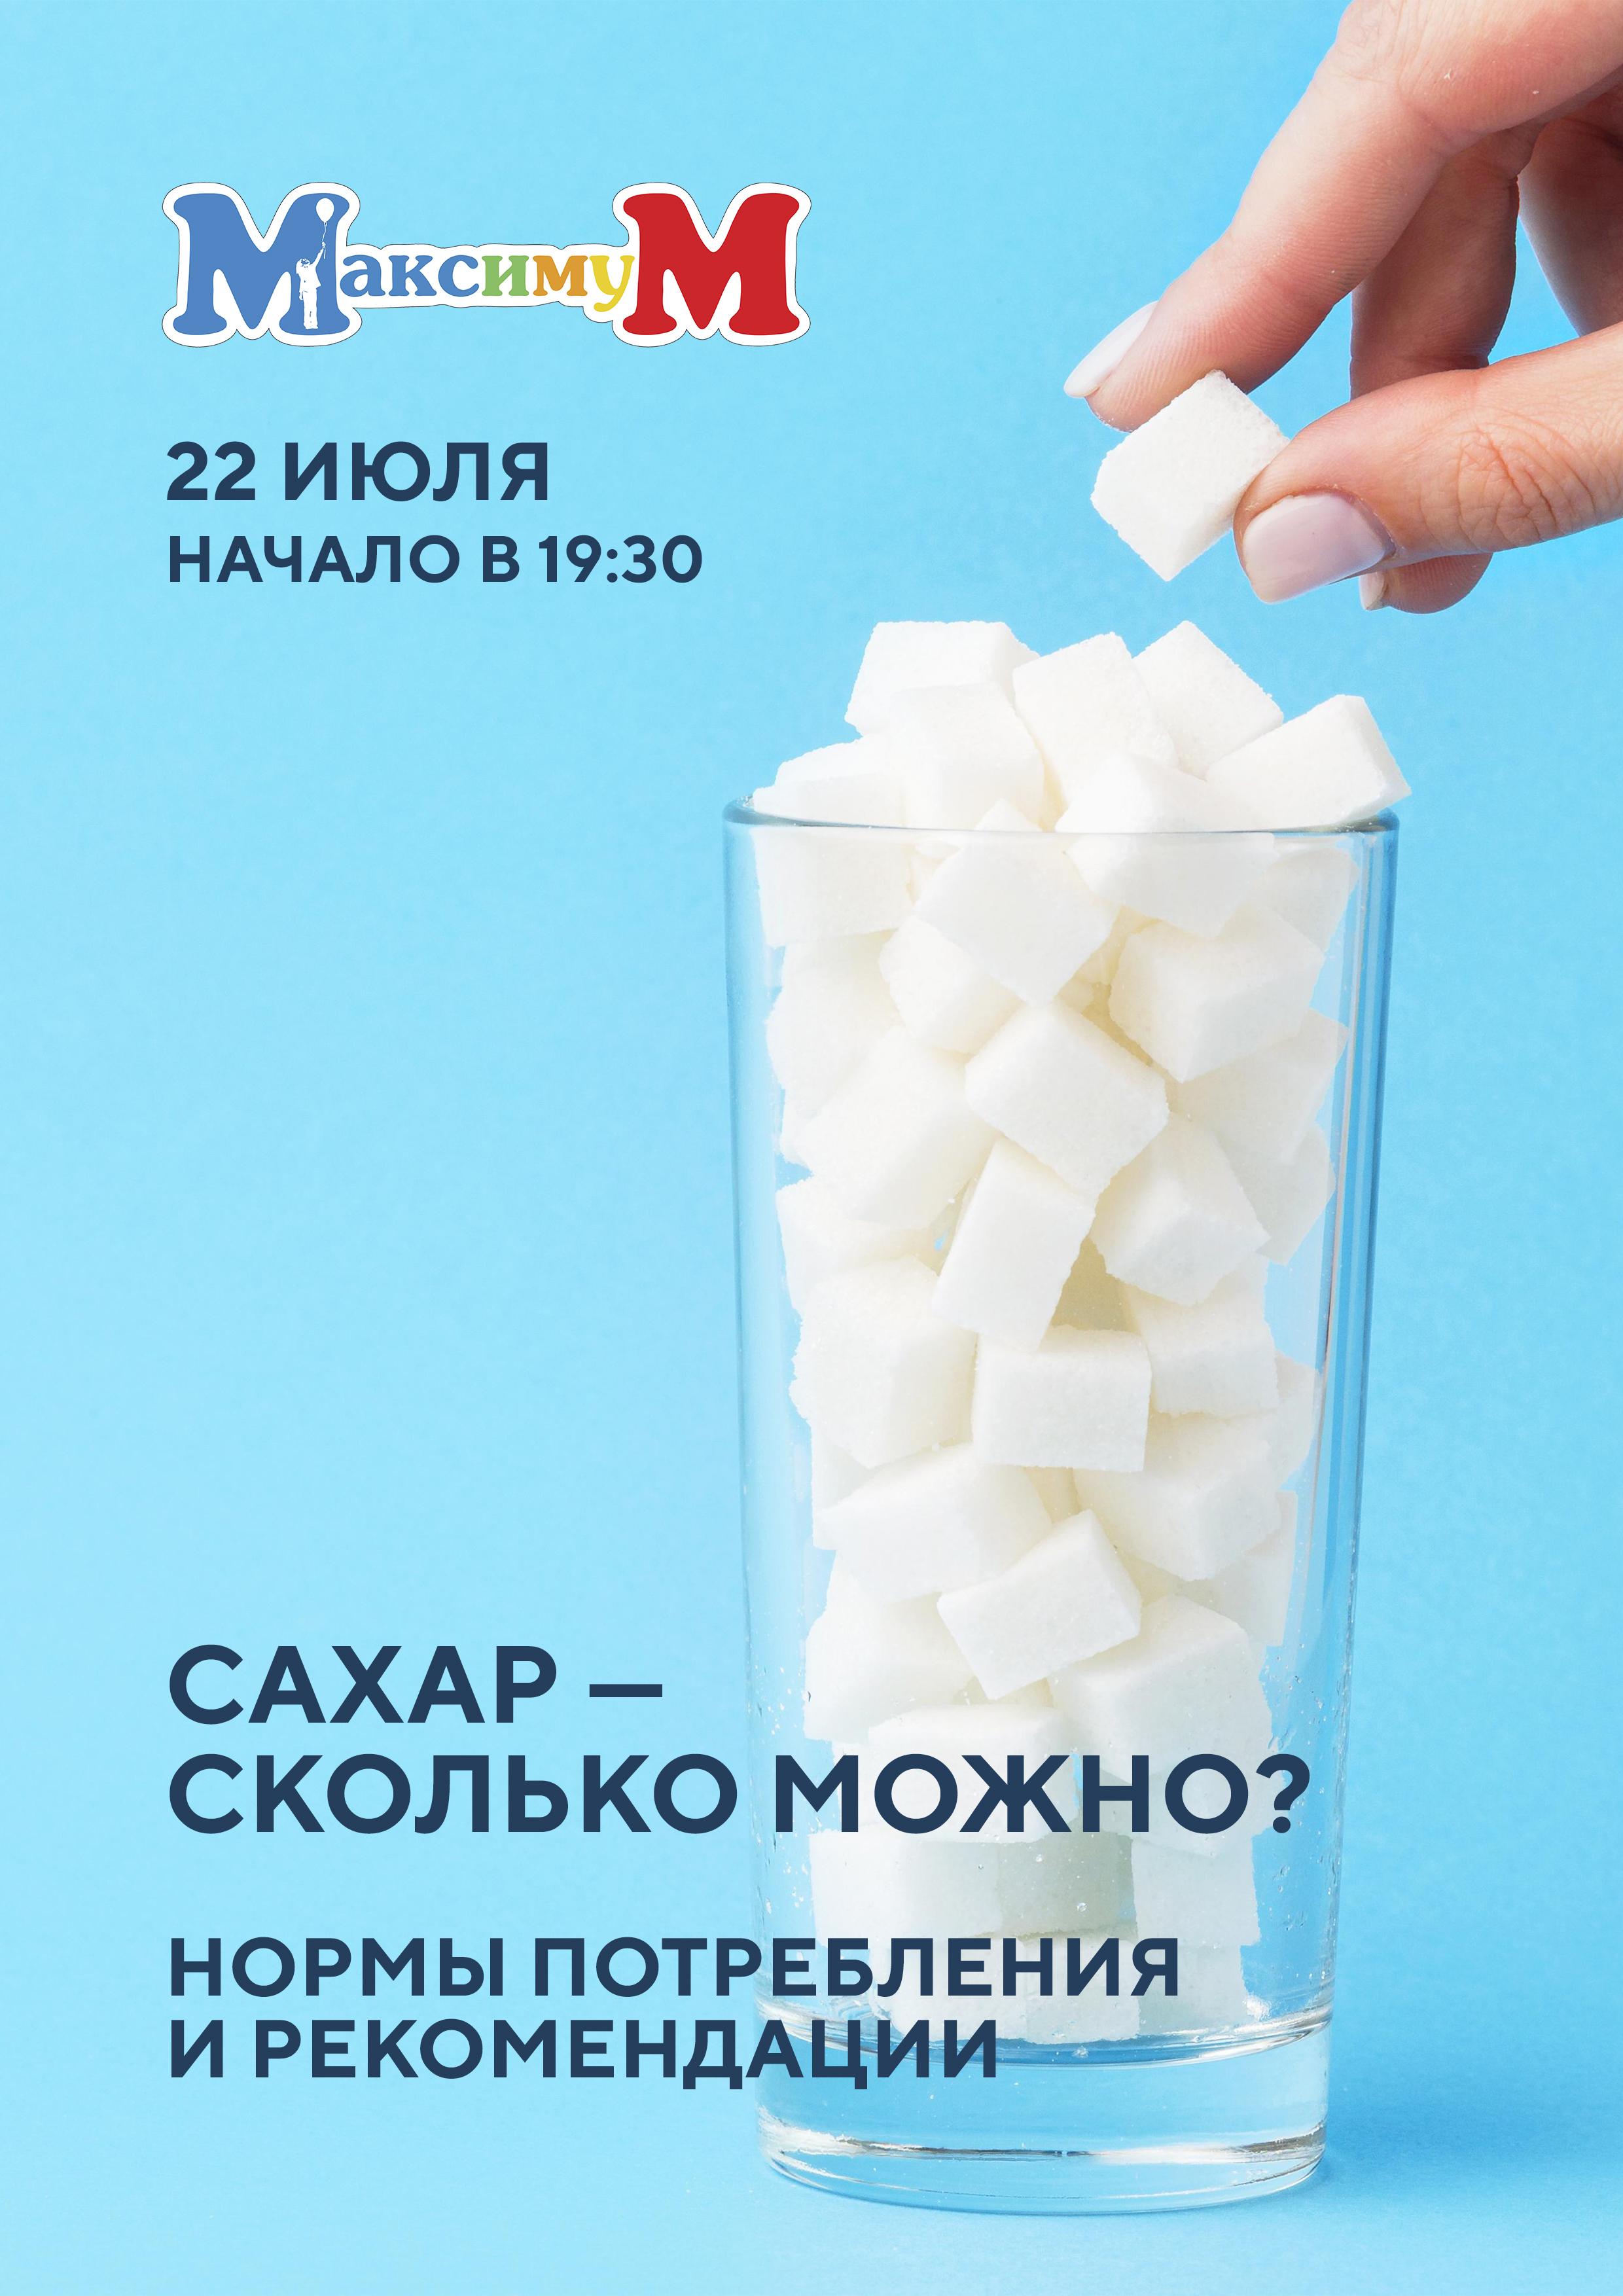 Сахар-сколько можно? Нормы потребления и рекомендации.